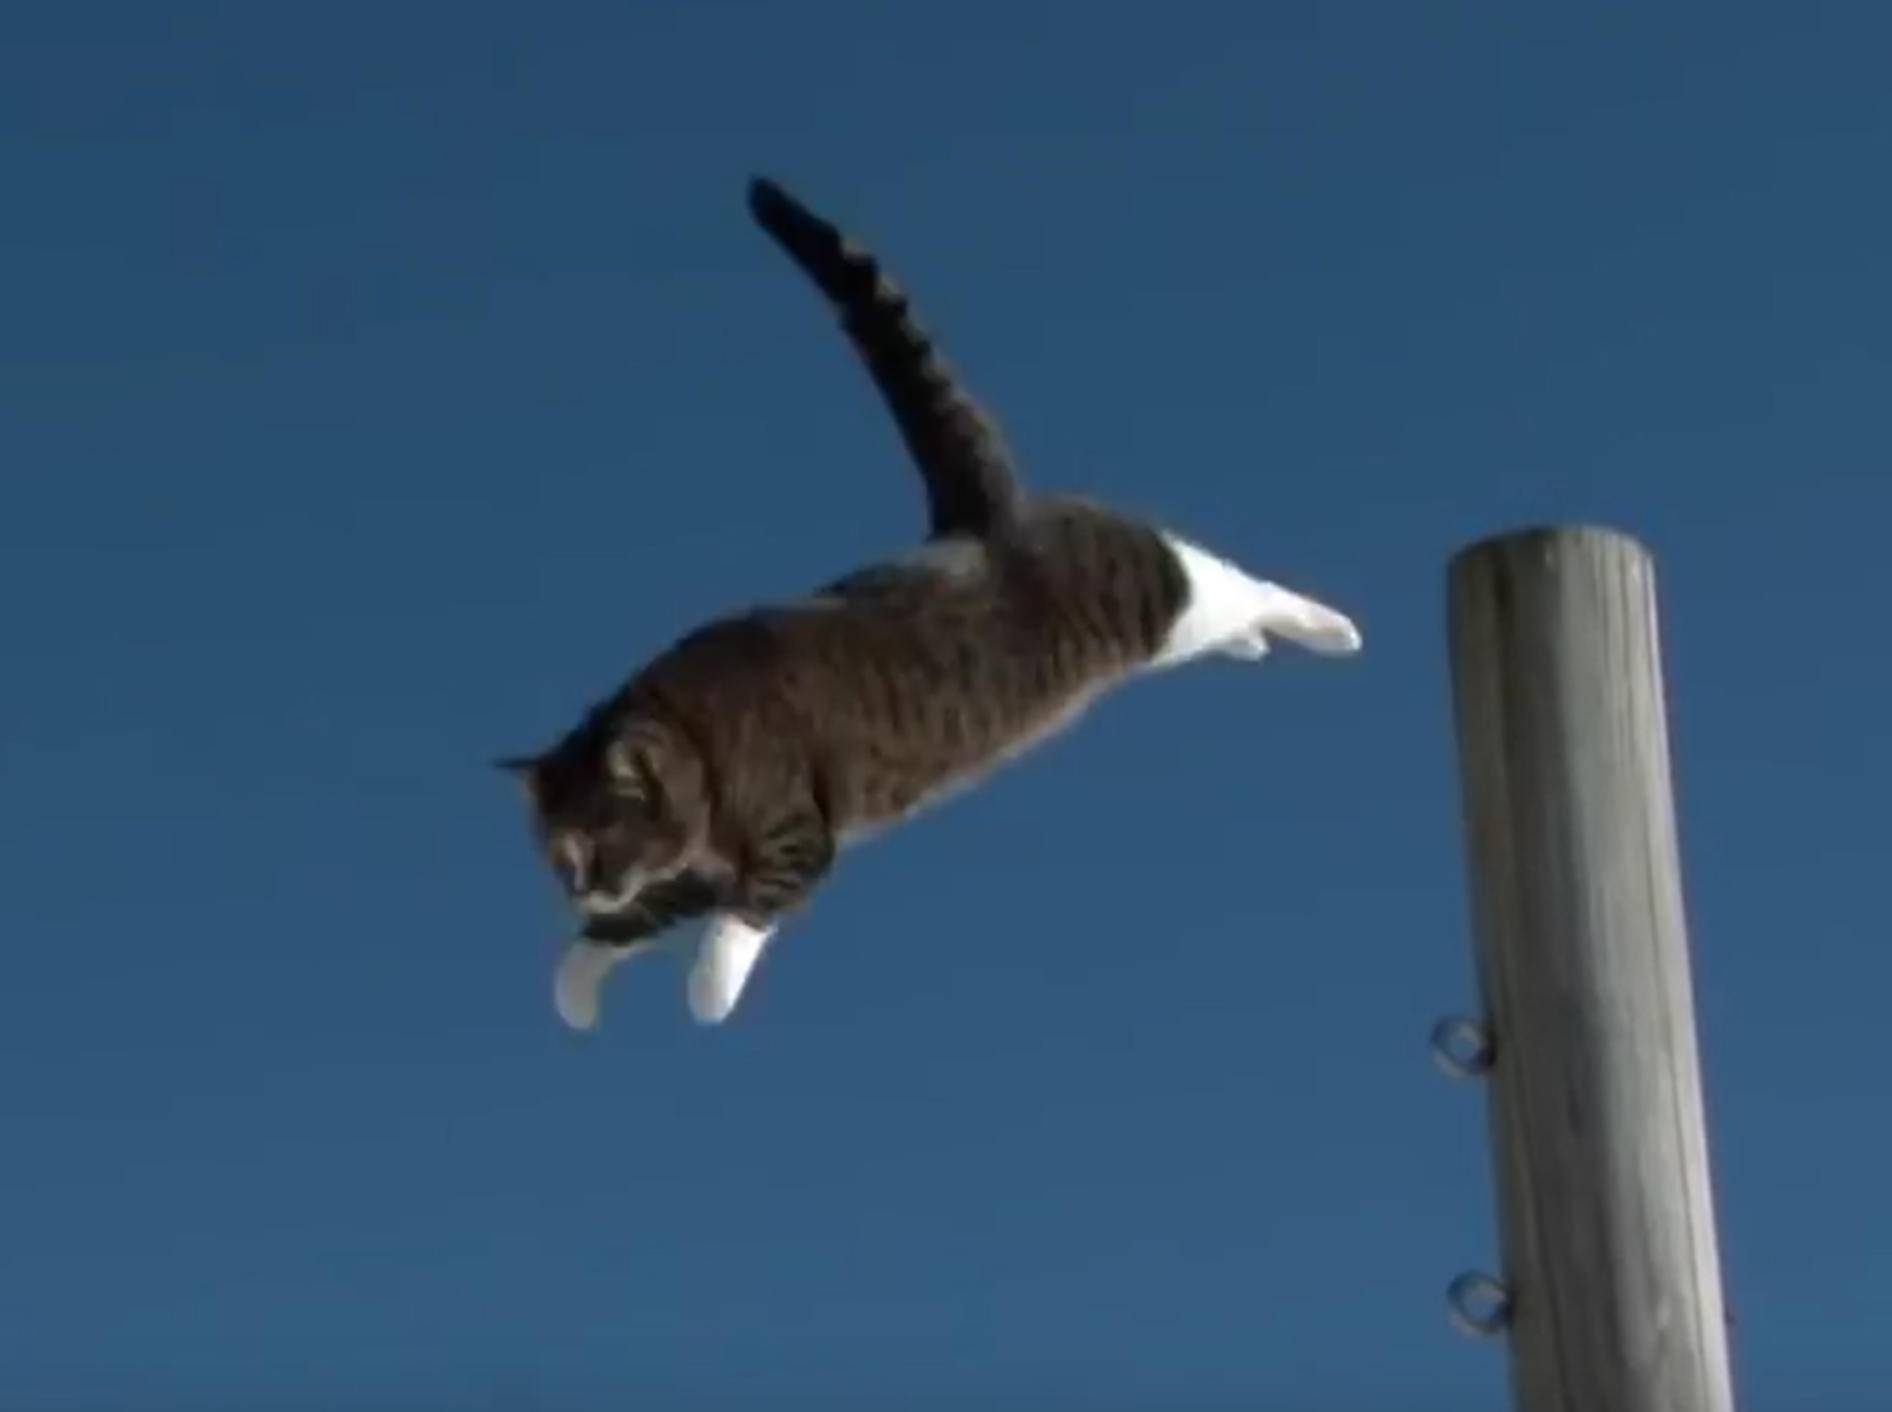 Katze Didga ist ein richtiger Parkour-Profi! – YouTube / CATMANTOO